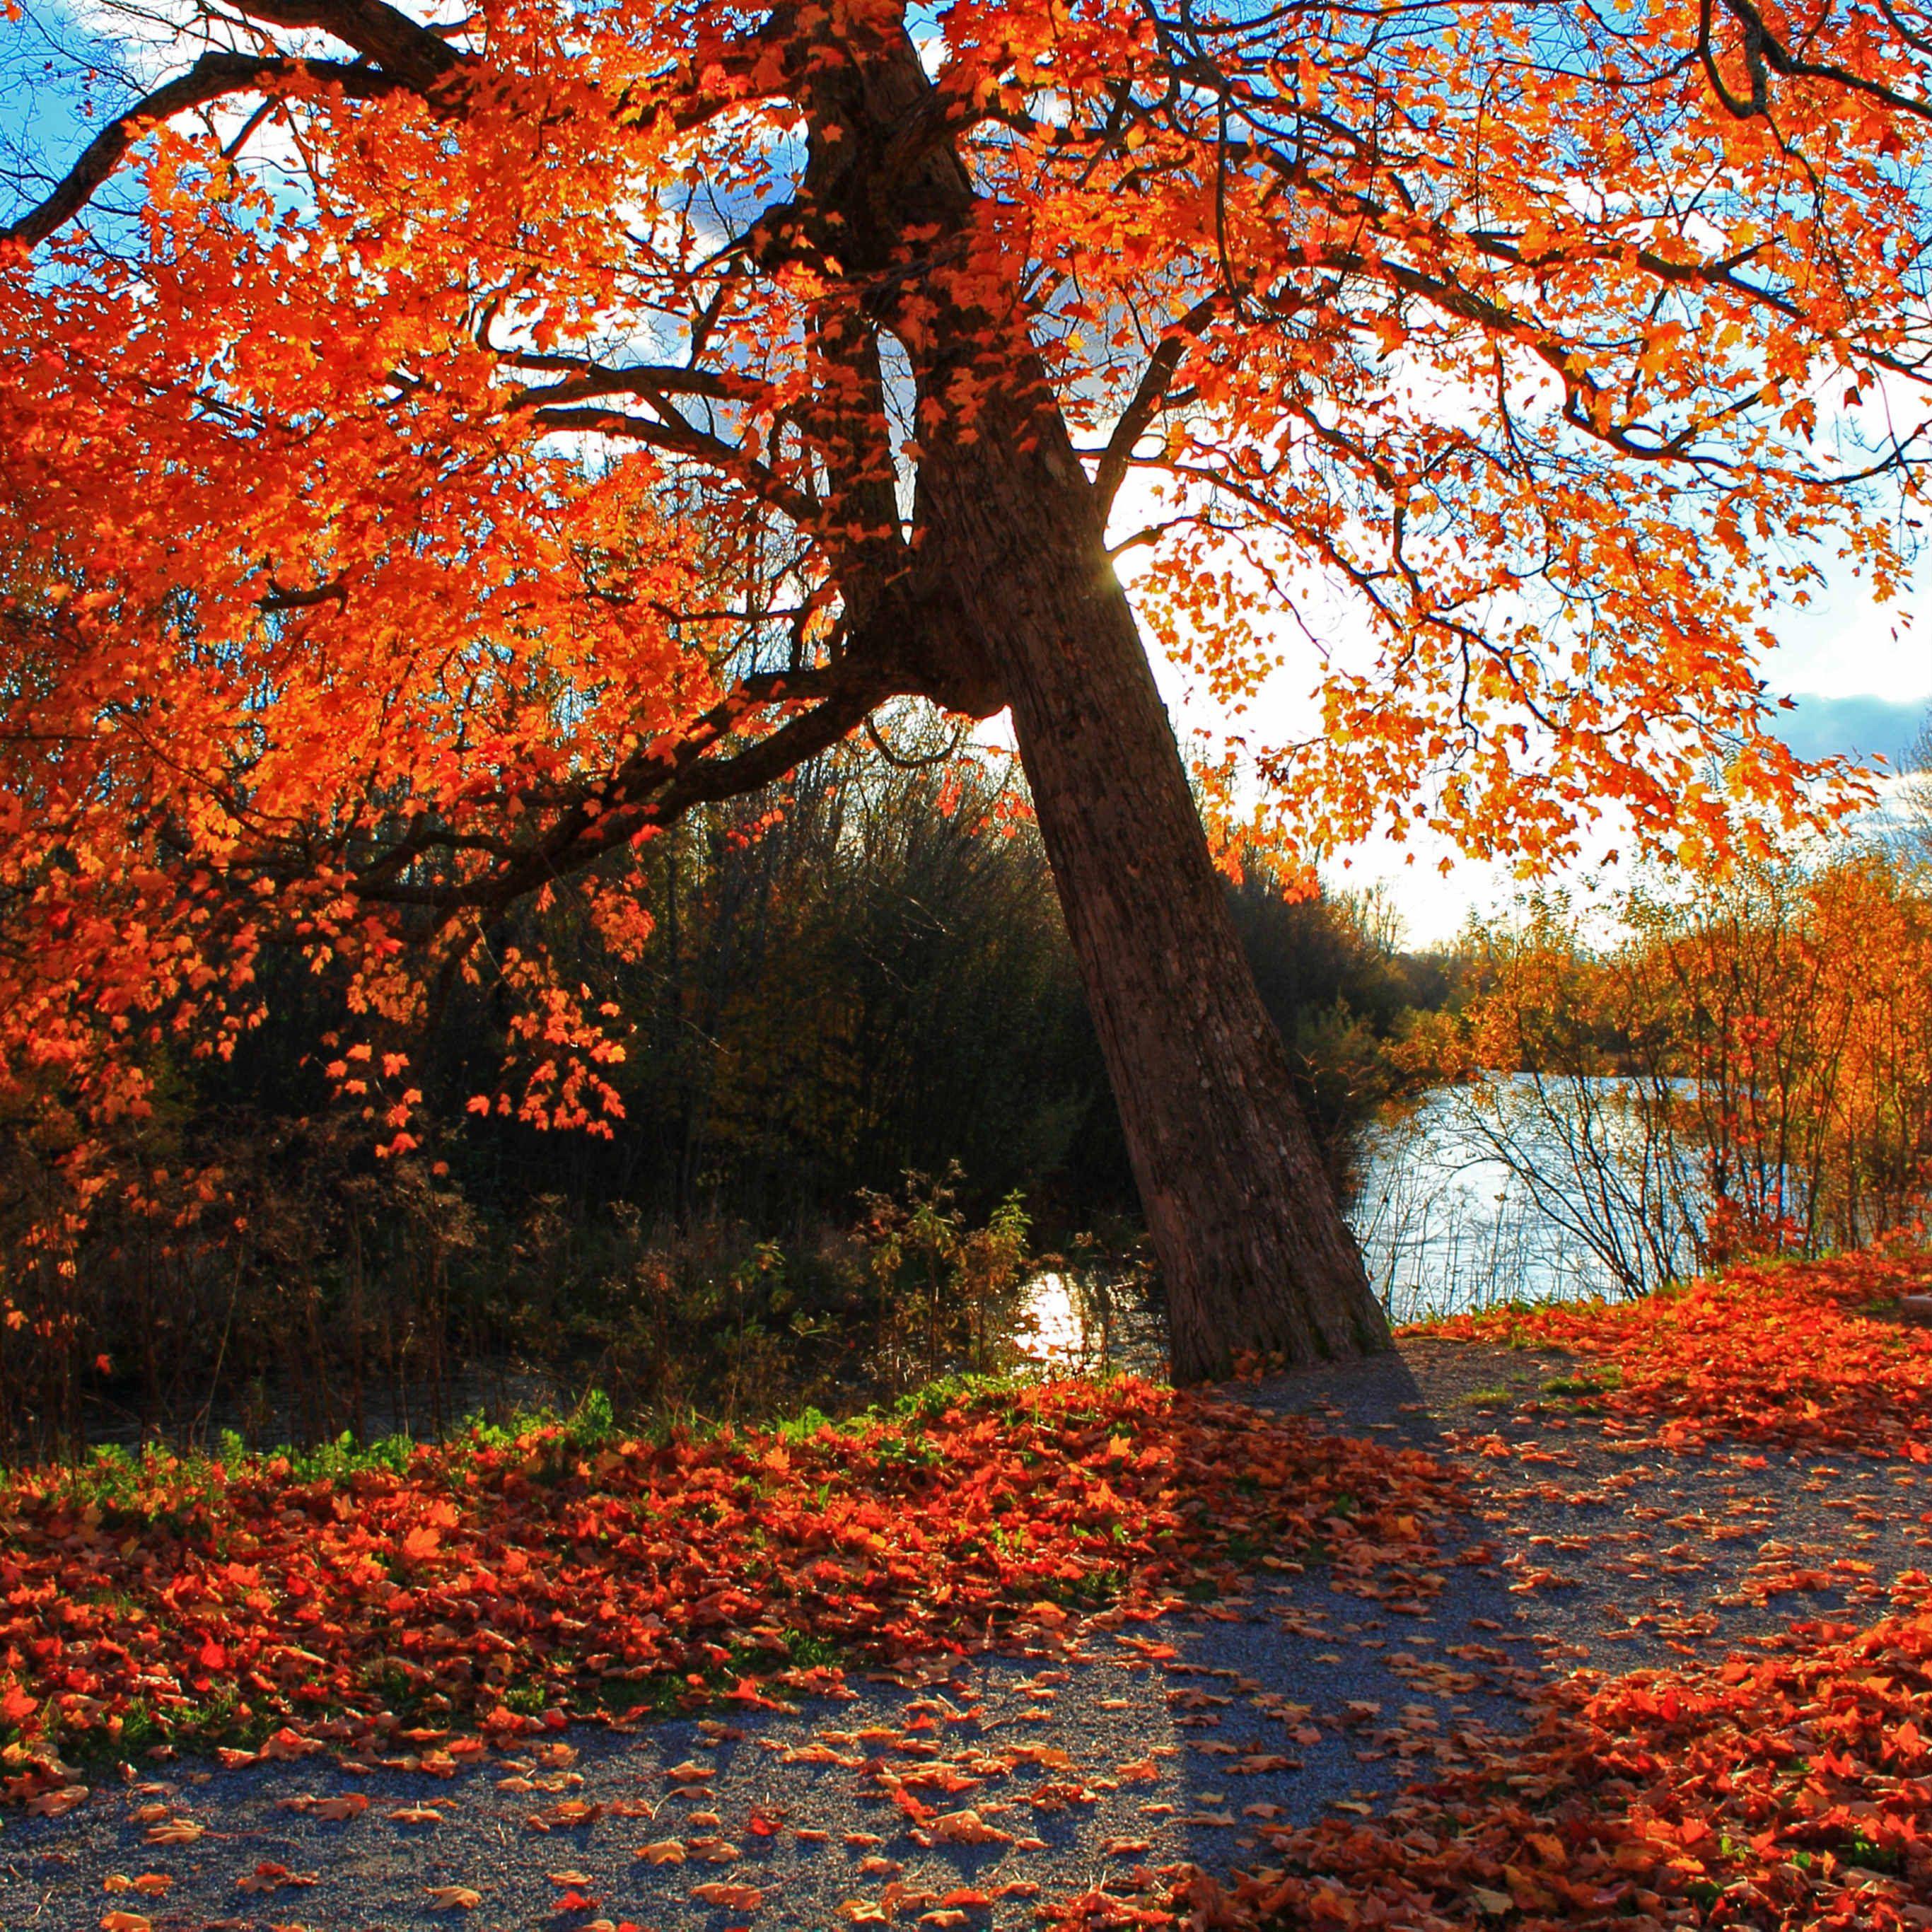 Autumn Park River Shop Landscape Ipad Pro Wallpapers Landscape Edging Diy Winter Landscape Photography Landscape Stairs